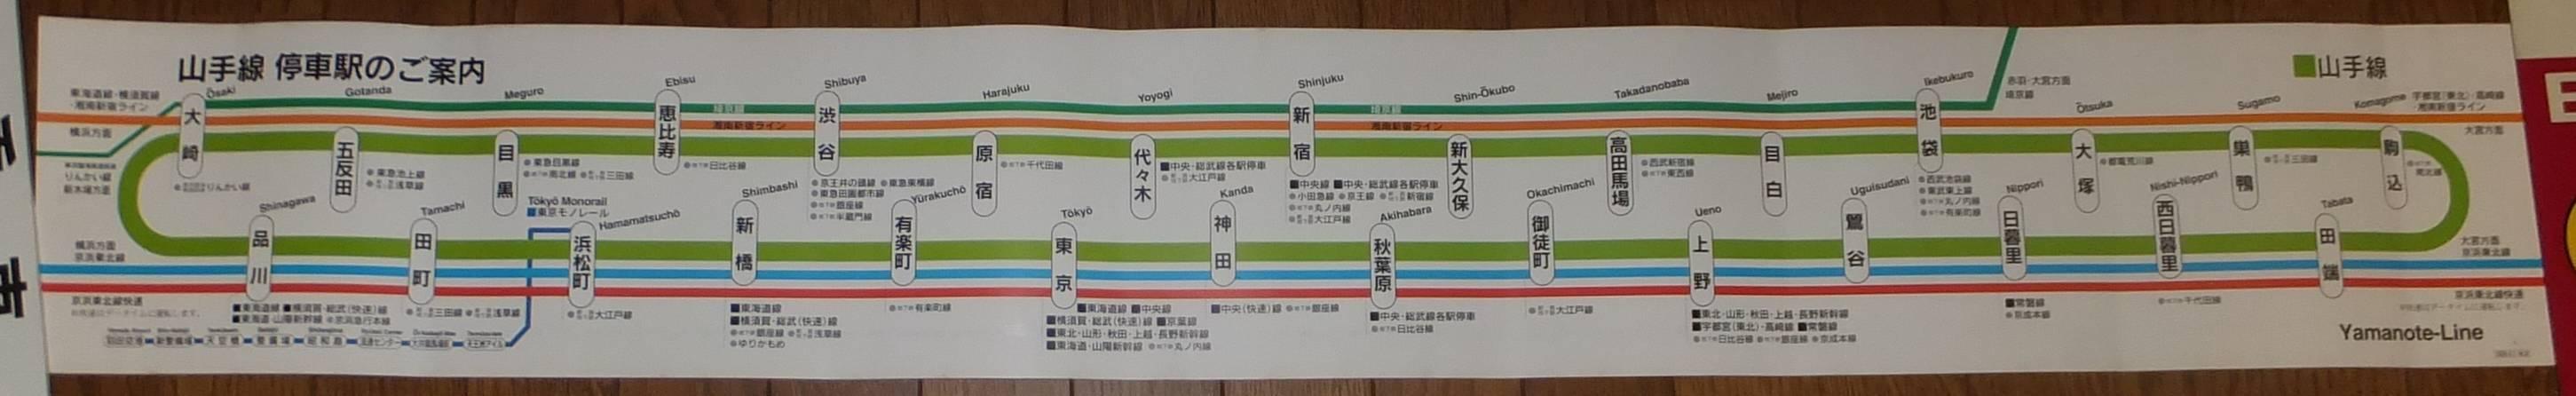 東日本 路線 図 jr